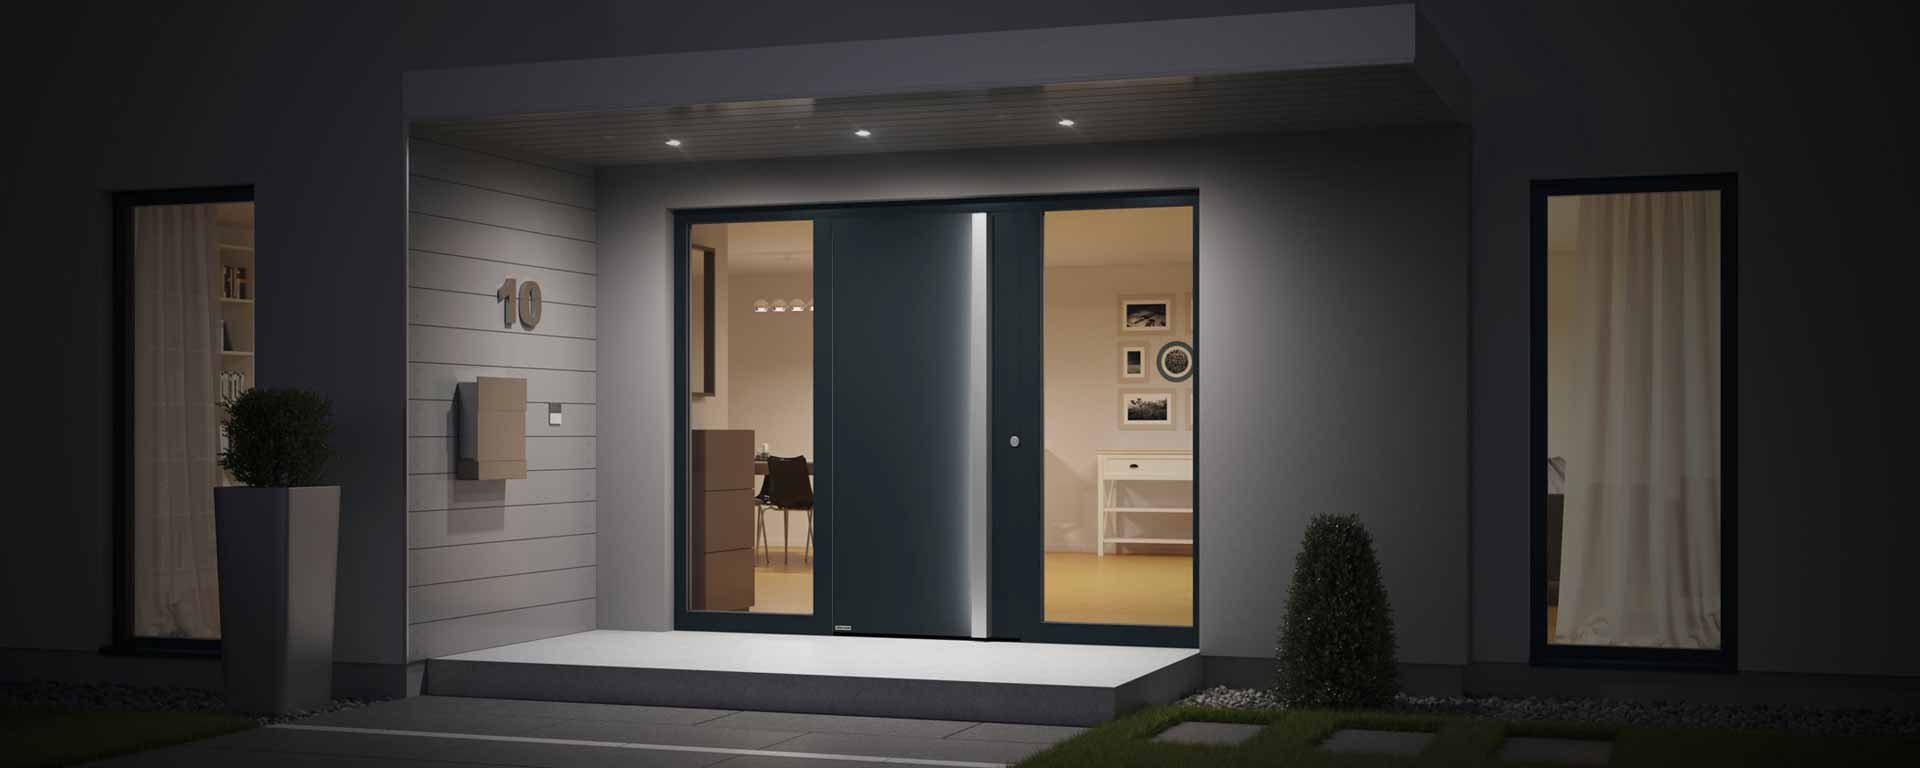 cieple-drzwi-wedlug-wt-2021